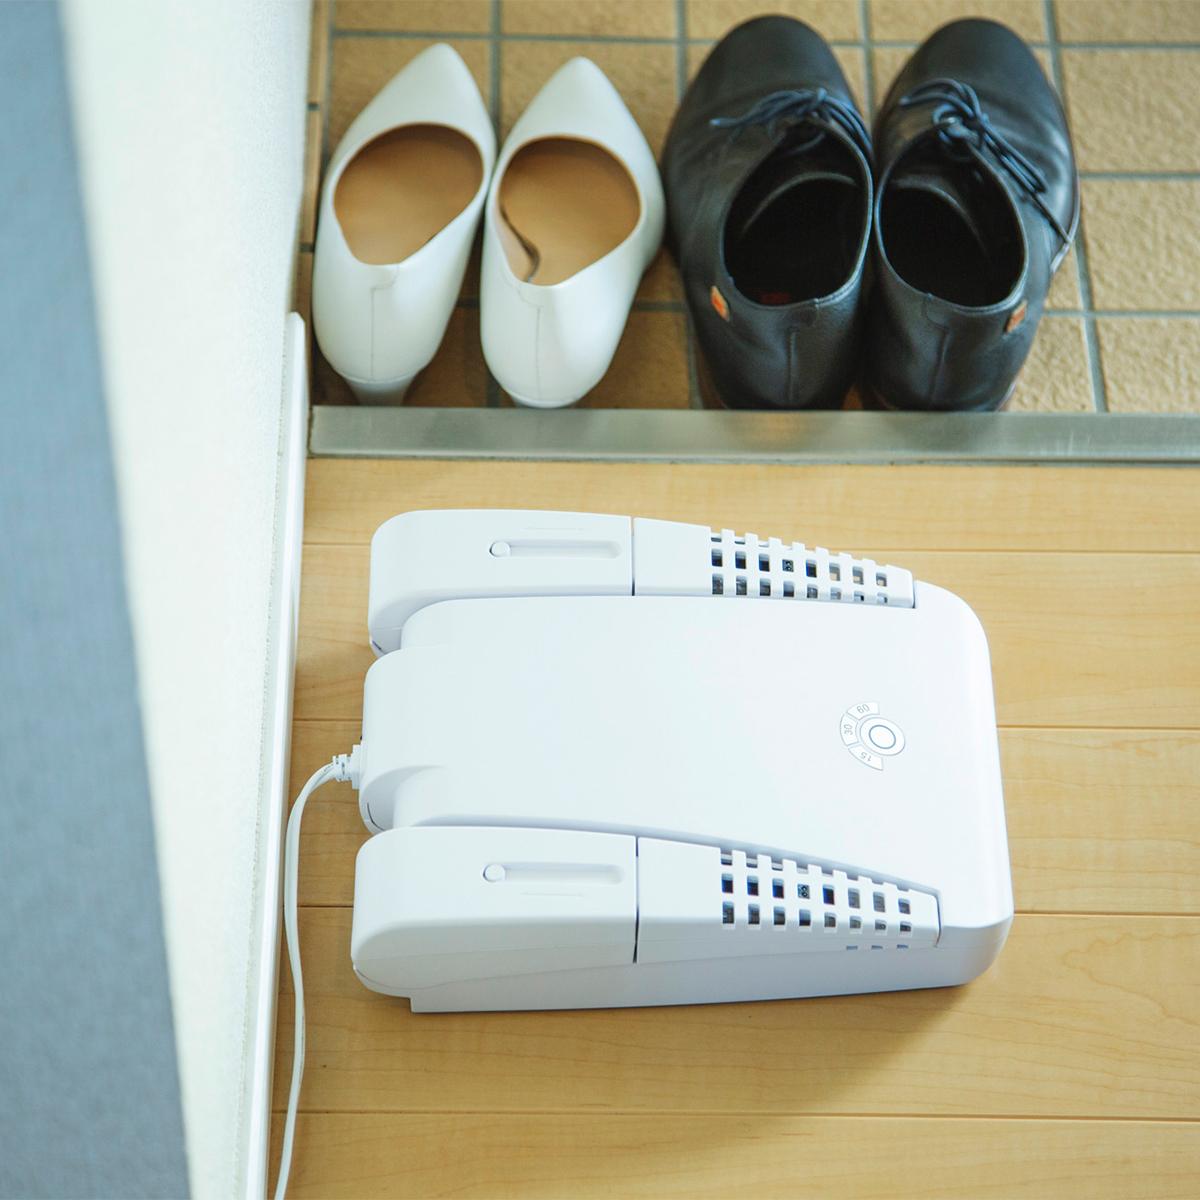 靴を置くだけで、靴のカビや悪臭、水虫菌対策。光触媒と紫外線の効果で、ニオイやカビ、水虫菌を元から分解。さらに、50℃の低温風で、やさしく乾燥。「靴クリーナー」|RefreShoes(リフレシューズ)